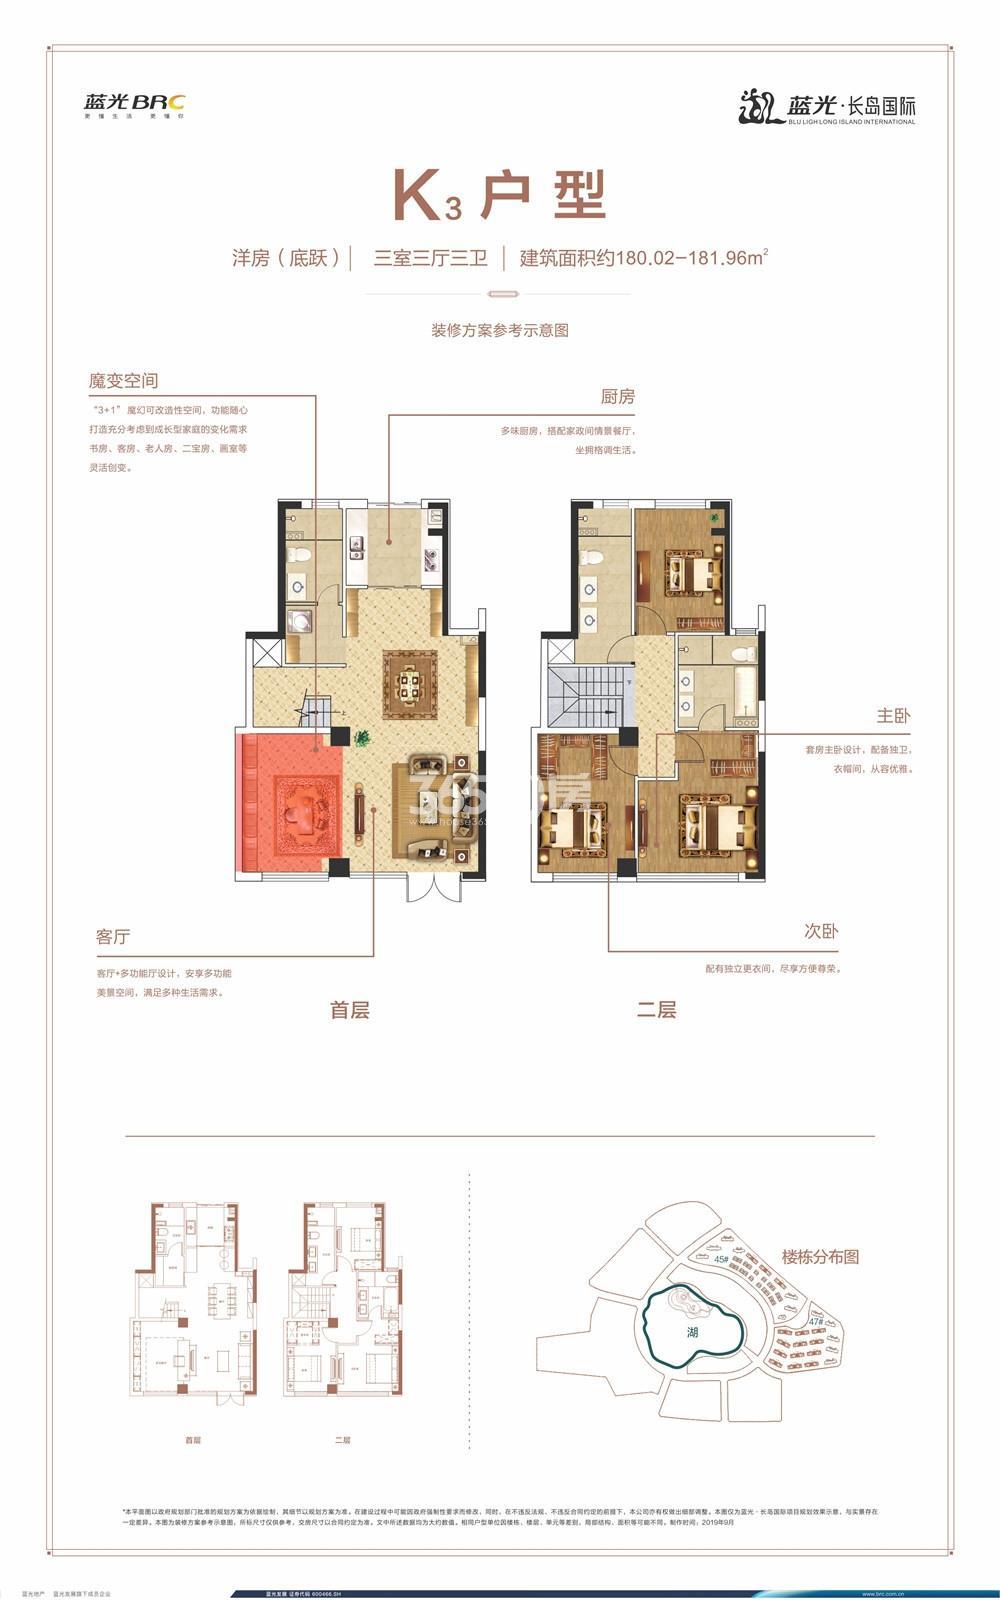 蓝光凤湖长岛国际户型图